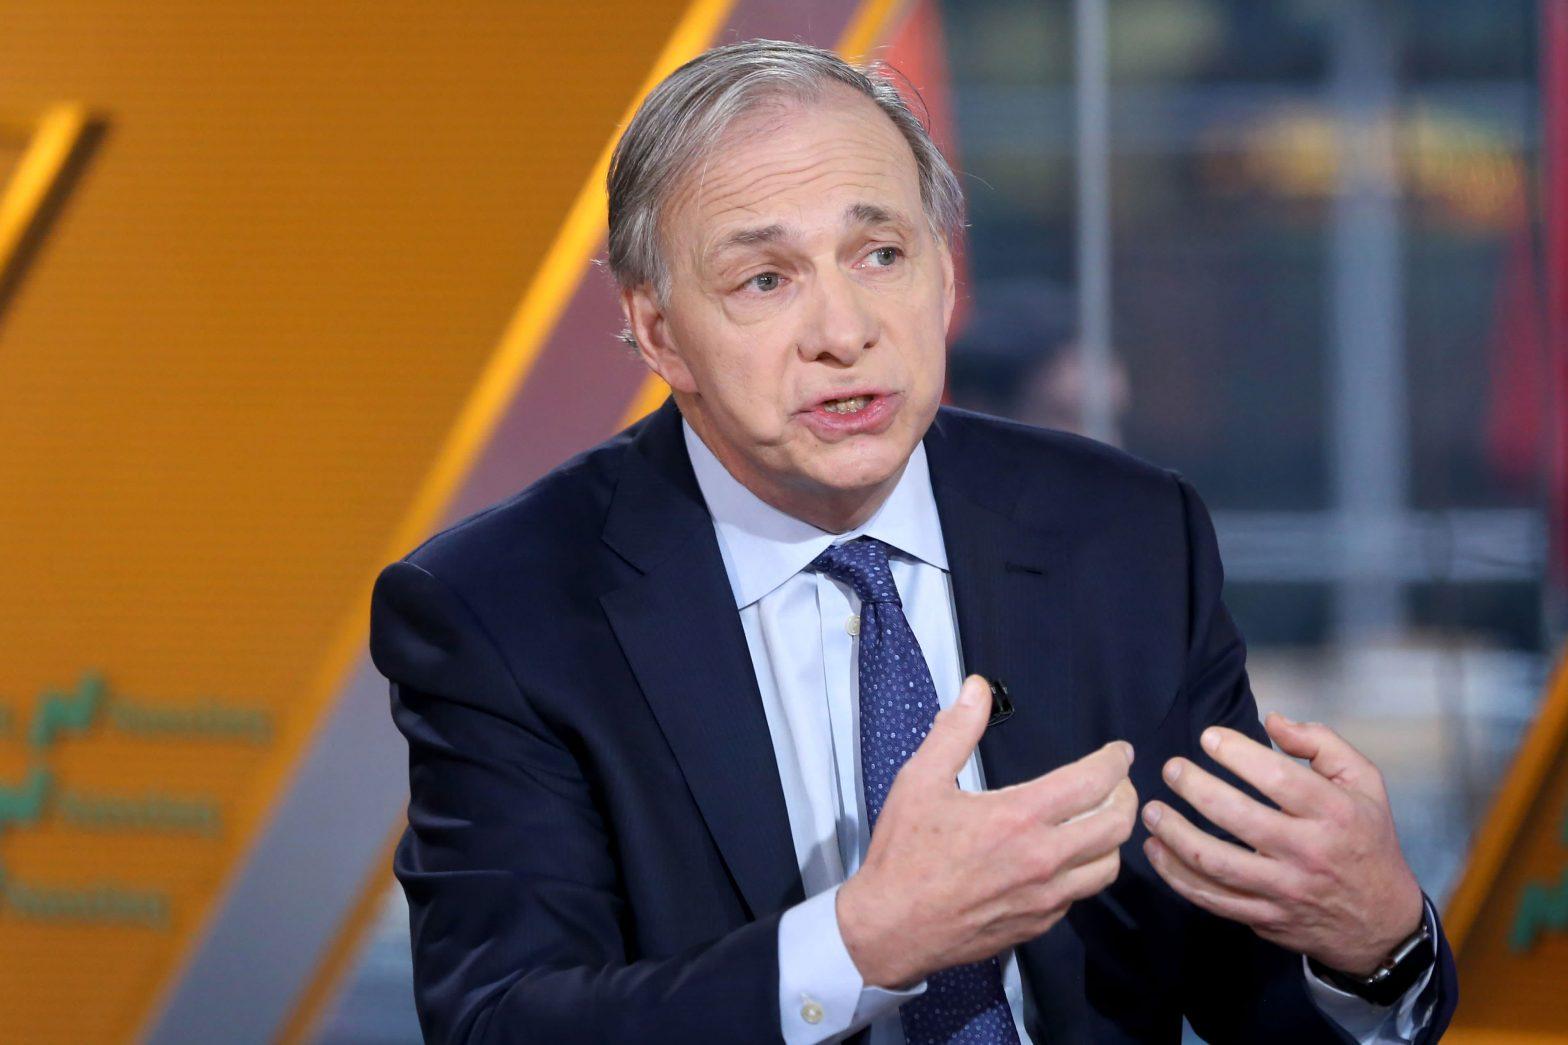 Investor Ray Dalio estimates the corporate losses in the US from coronavirus will top $4 trillion – CNBC